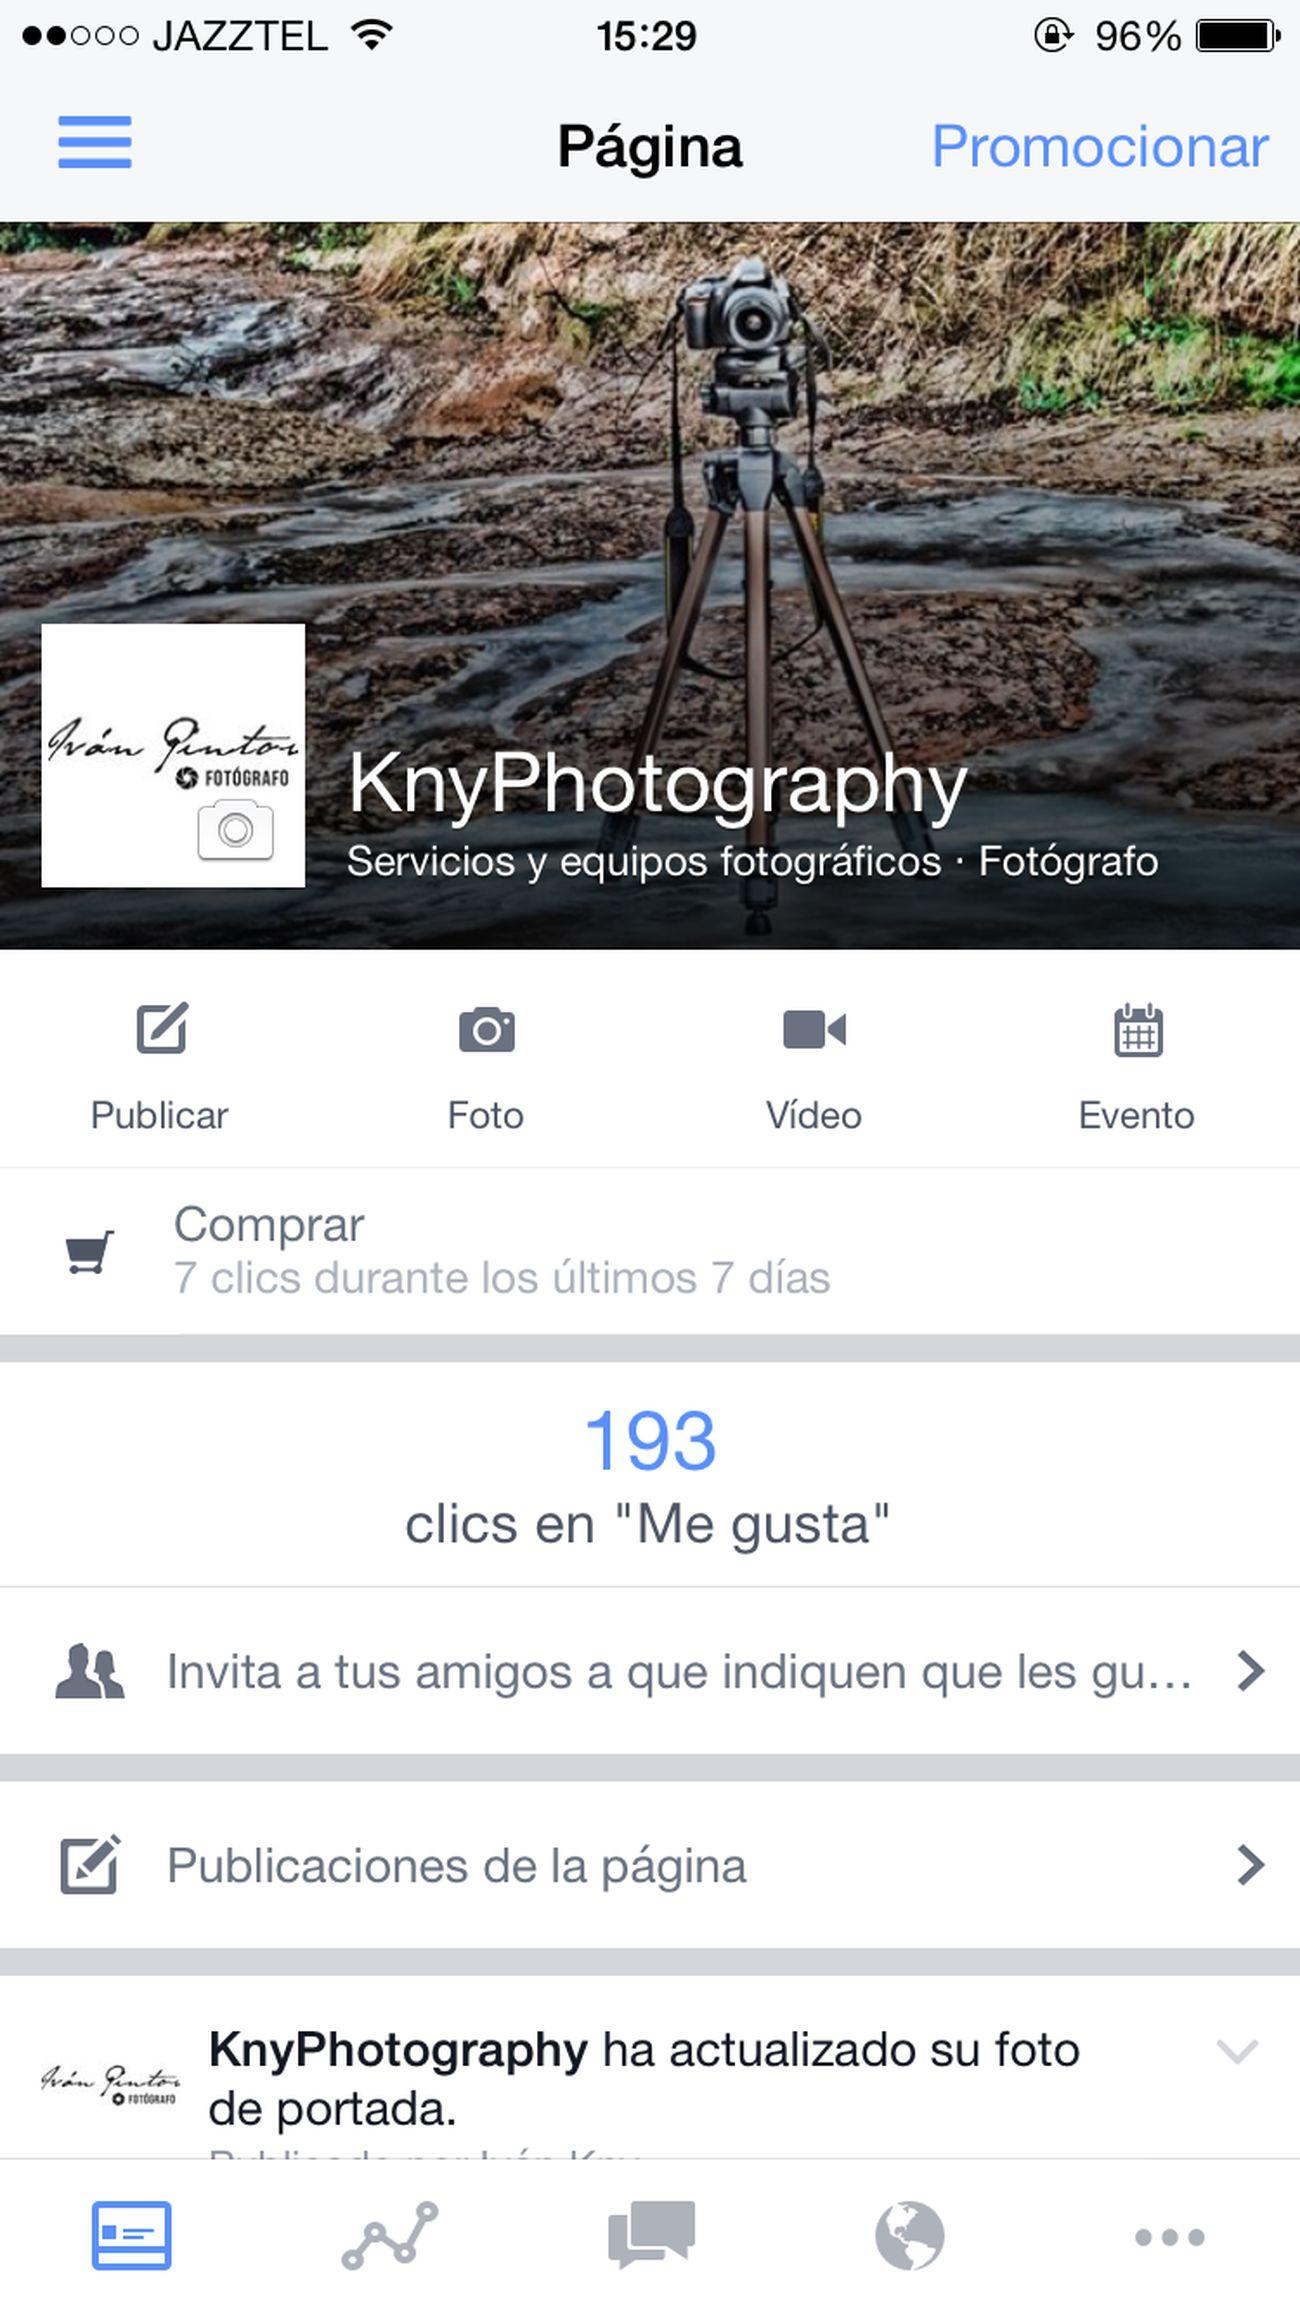 Me regalas un like en mi página de Facebook? Catalunya Viladecans Barcelona Cornellà España Españoles Y Sus Fotos